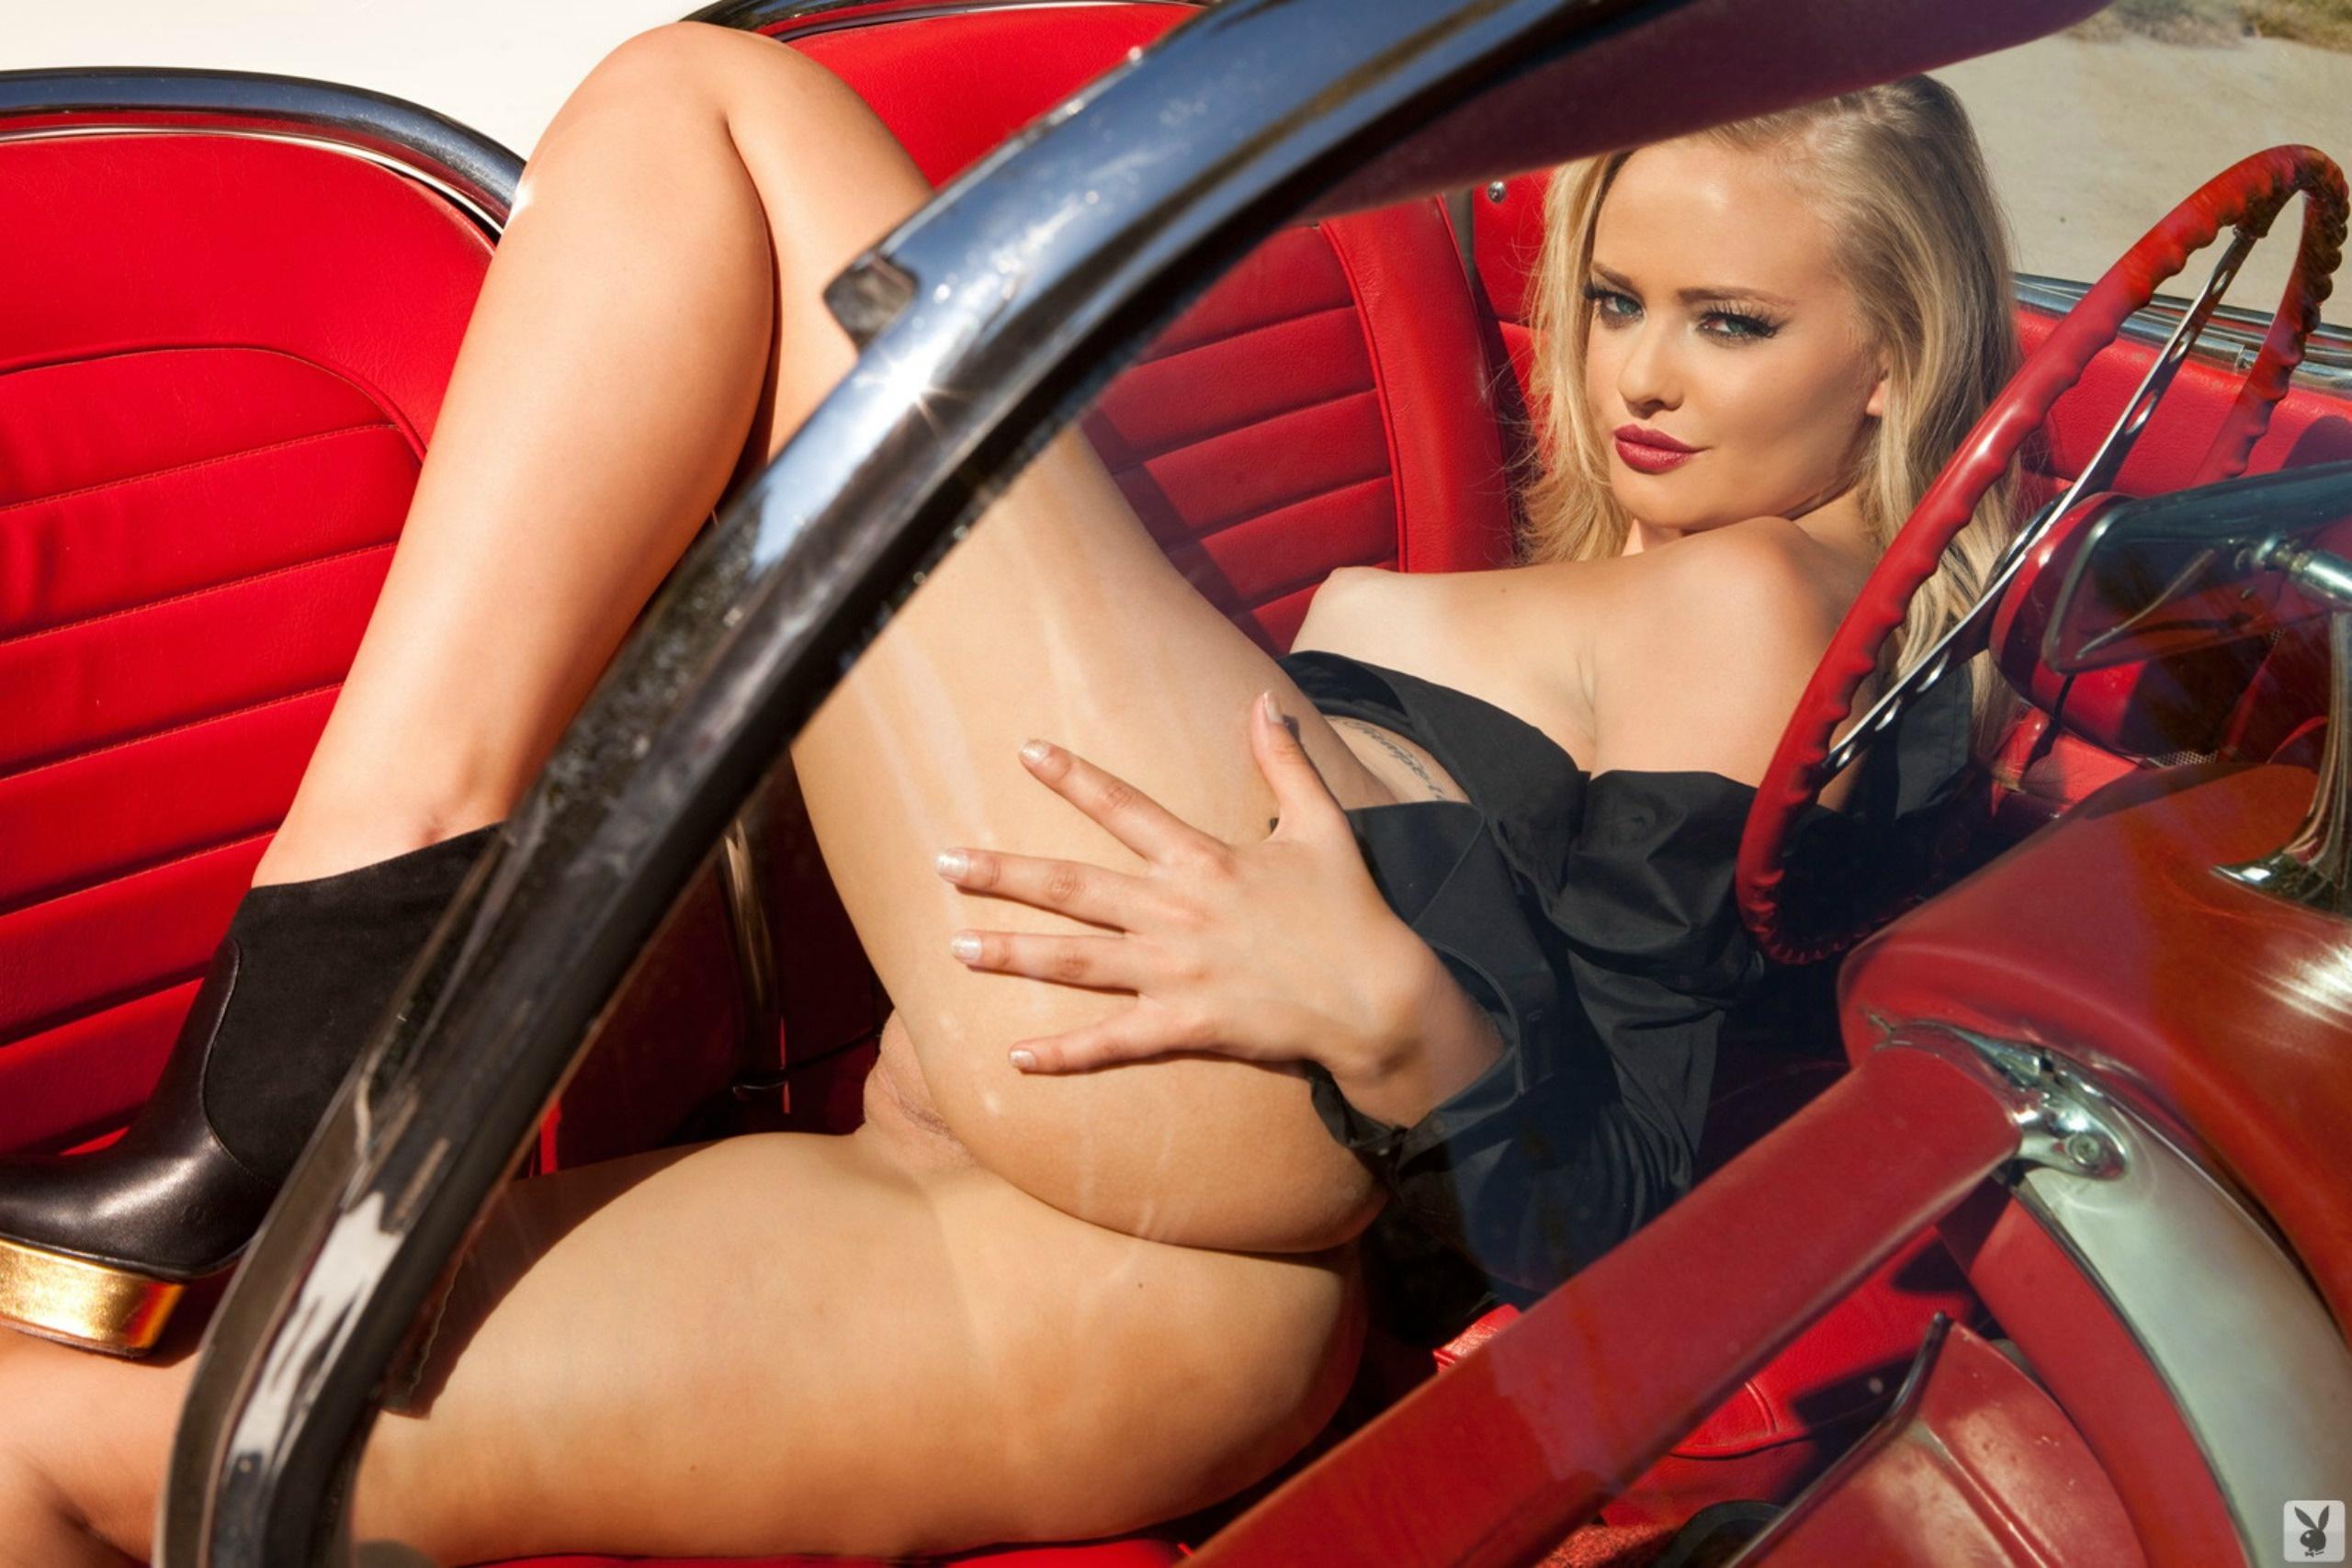 nude girls in cars hd